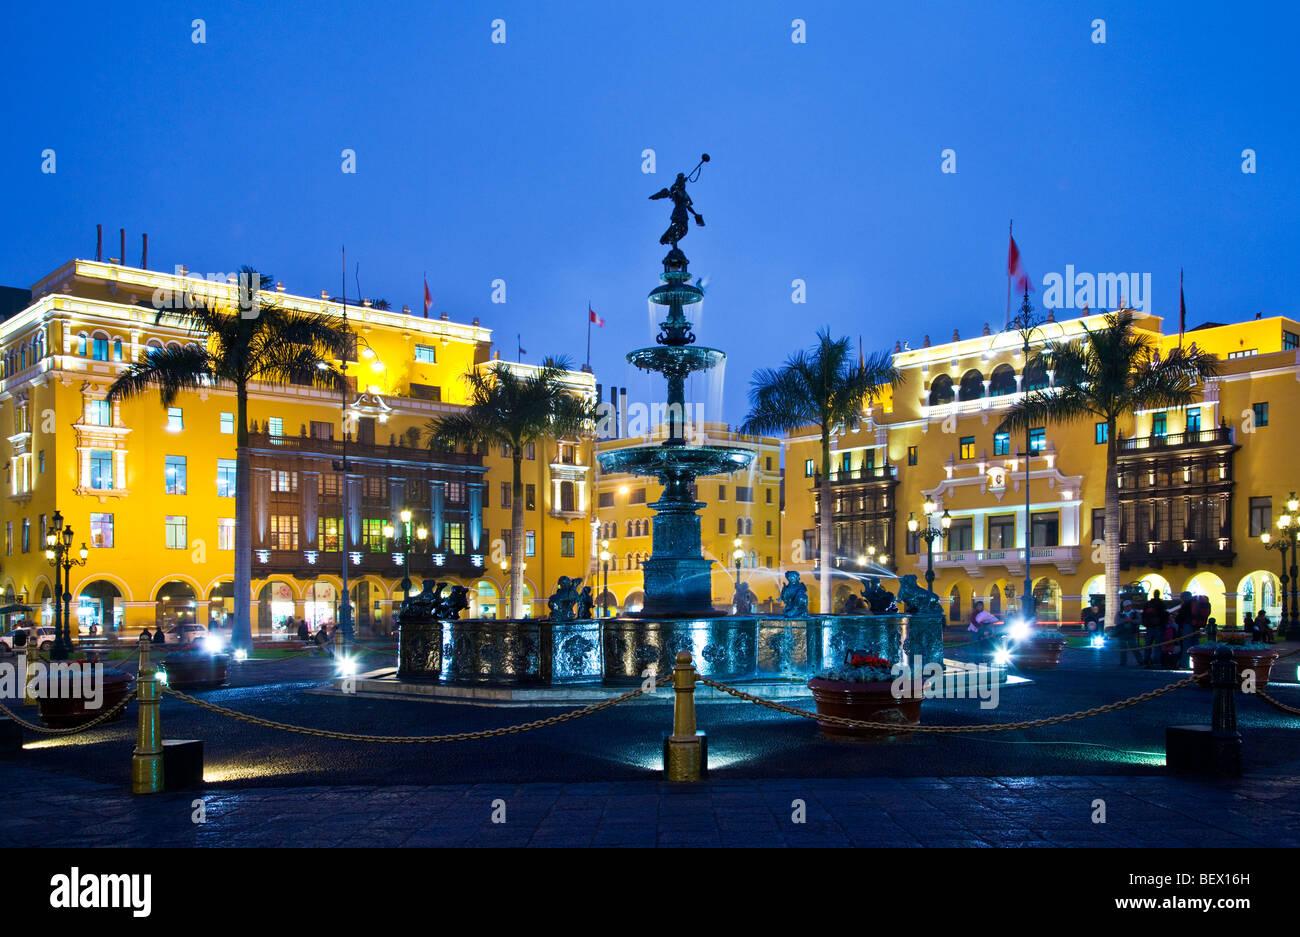 Fontana di bronzo, Municipio e Union Club in Plaza Mayor, precedentemente noto come Plaza de Armas, nel centro cittadino Immagini Stock